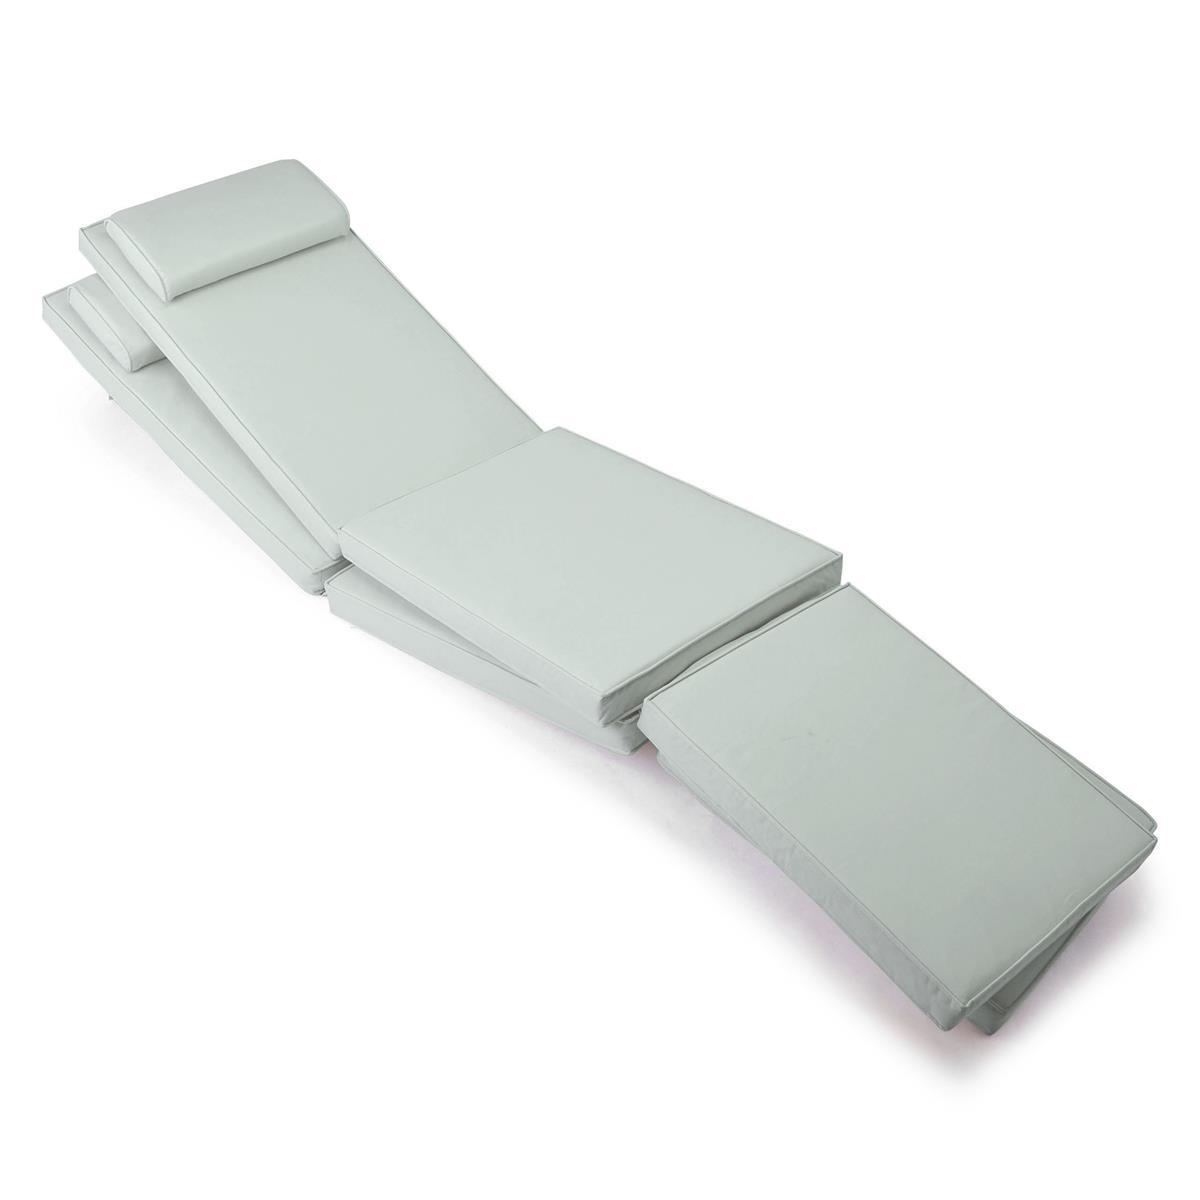 DIVERO 2x Liegenauflage Deckchair Steamer Liegestuhl-Auflage Polster hellgrau